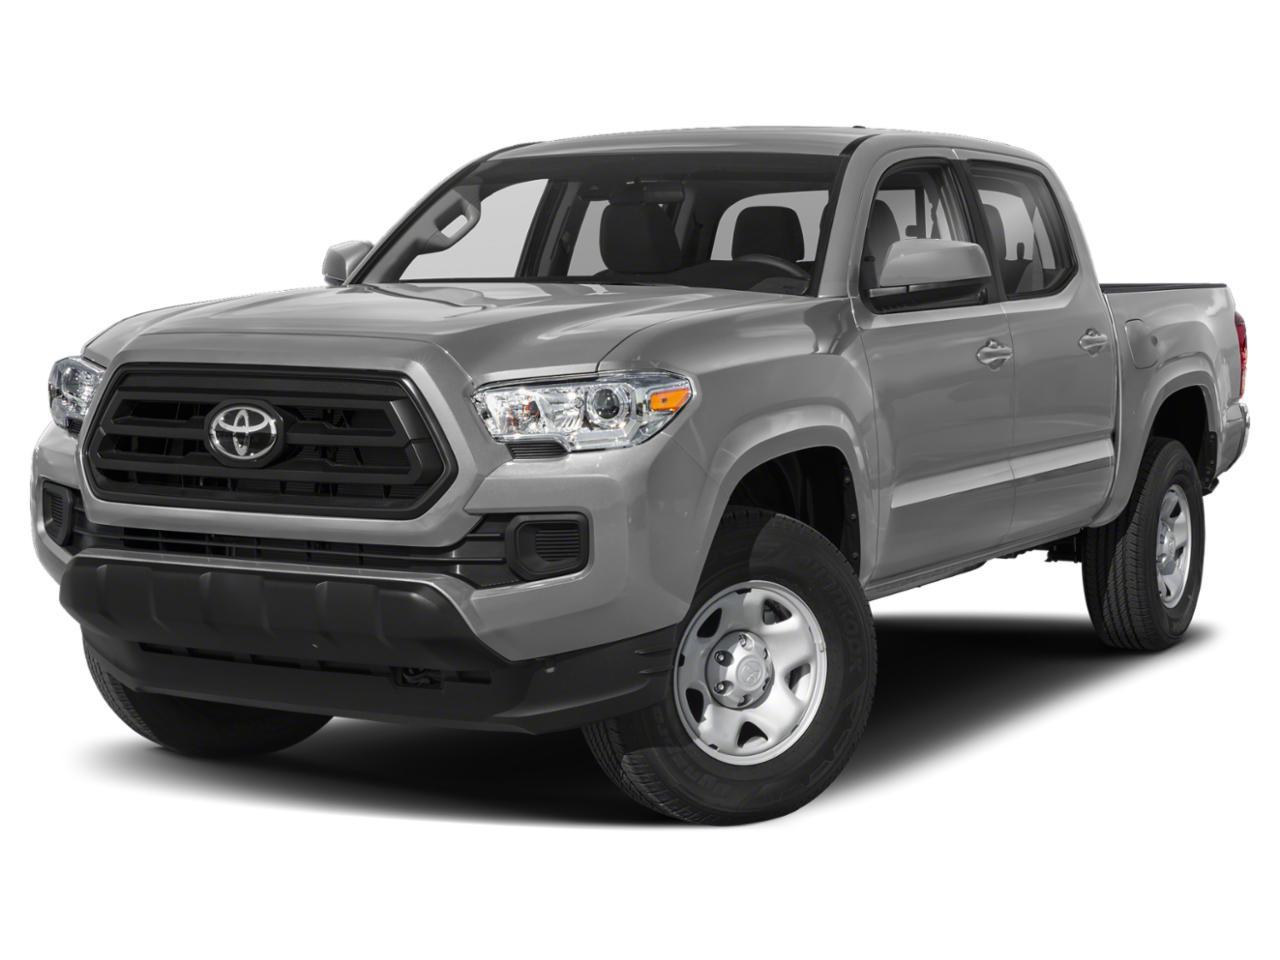 2021 Toyota Tacoma 4WD Vehicle Photo in Oshkosh, WI 54904